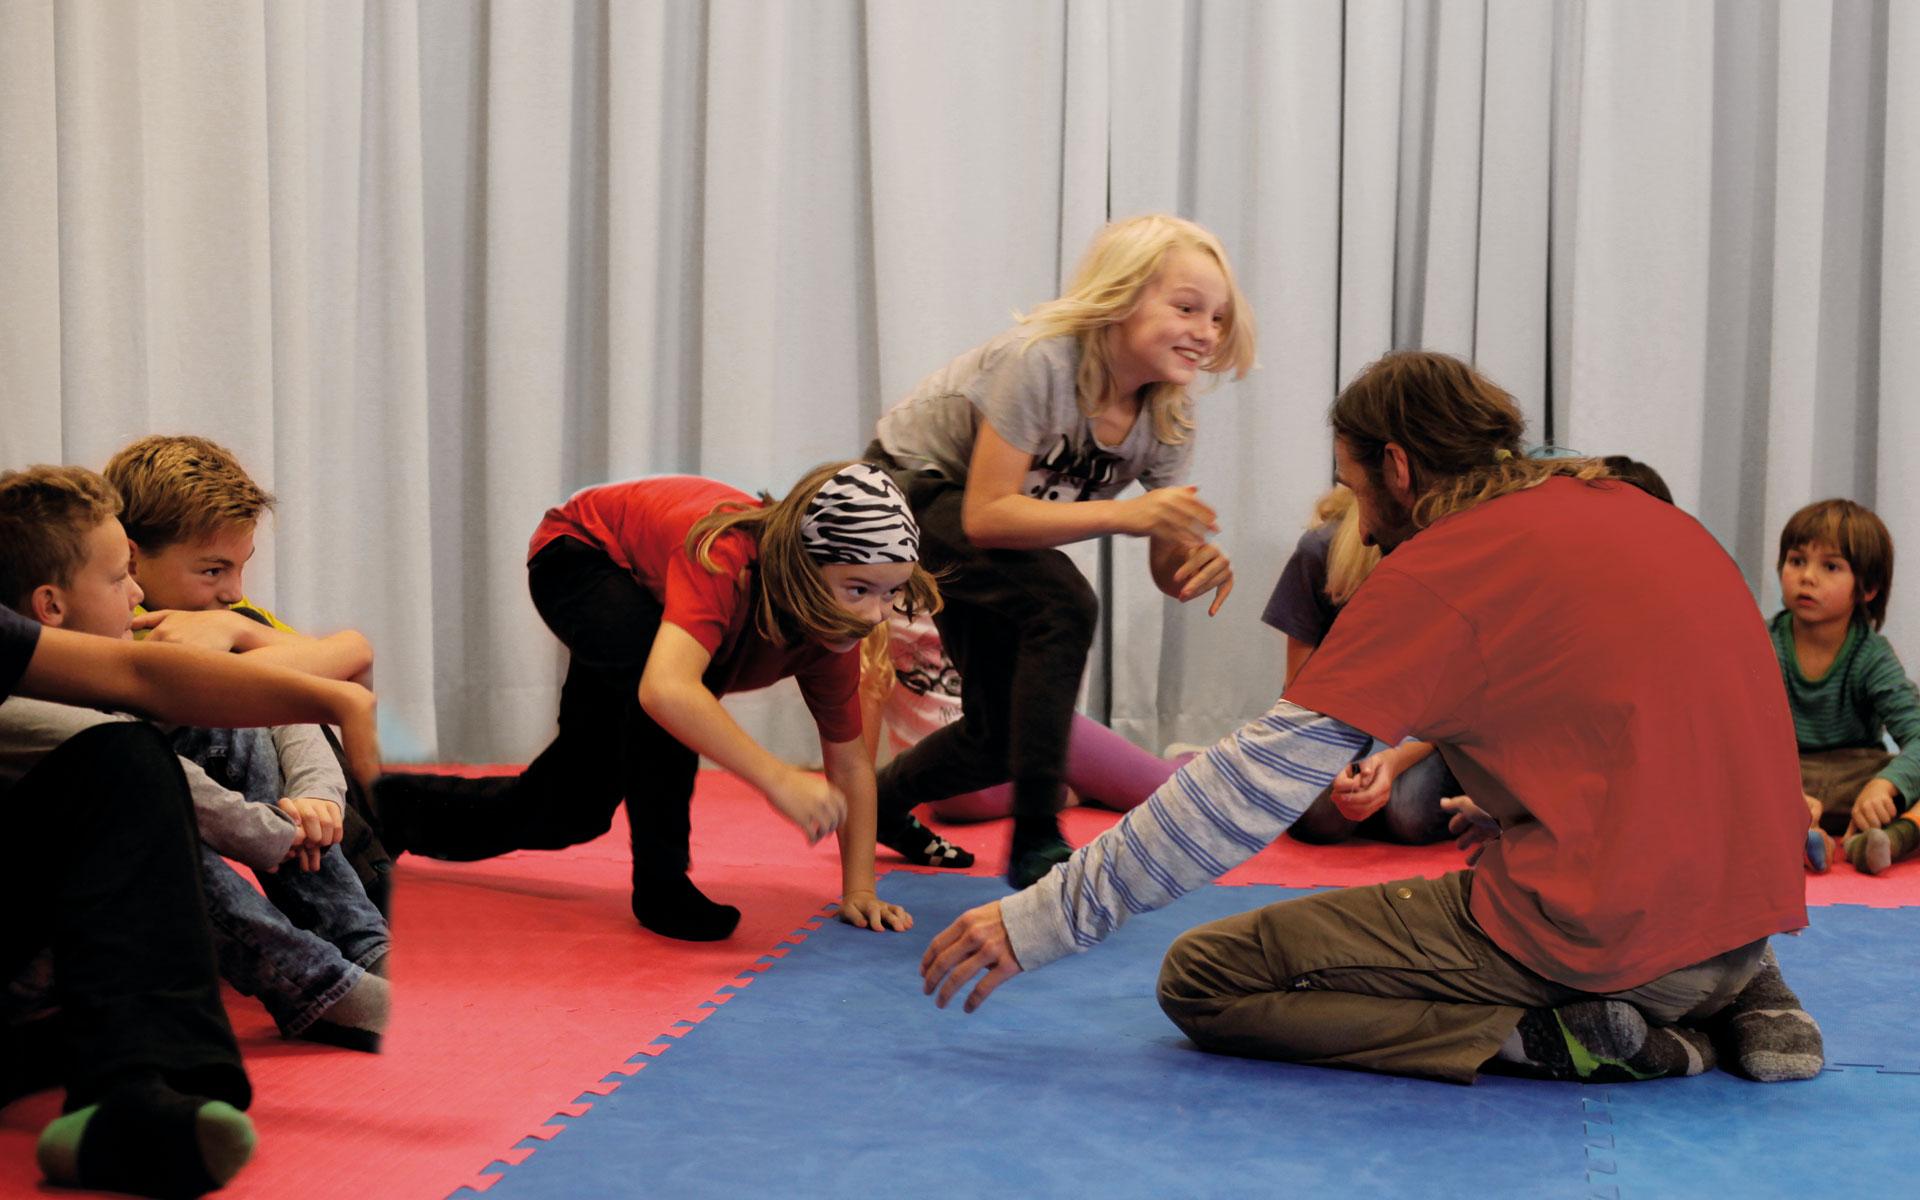 Foto von einem Kind und einem Erwachsenen beim Spielen